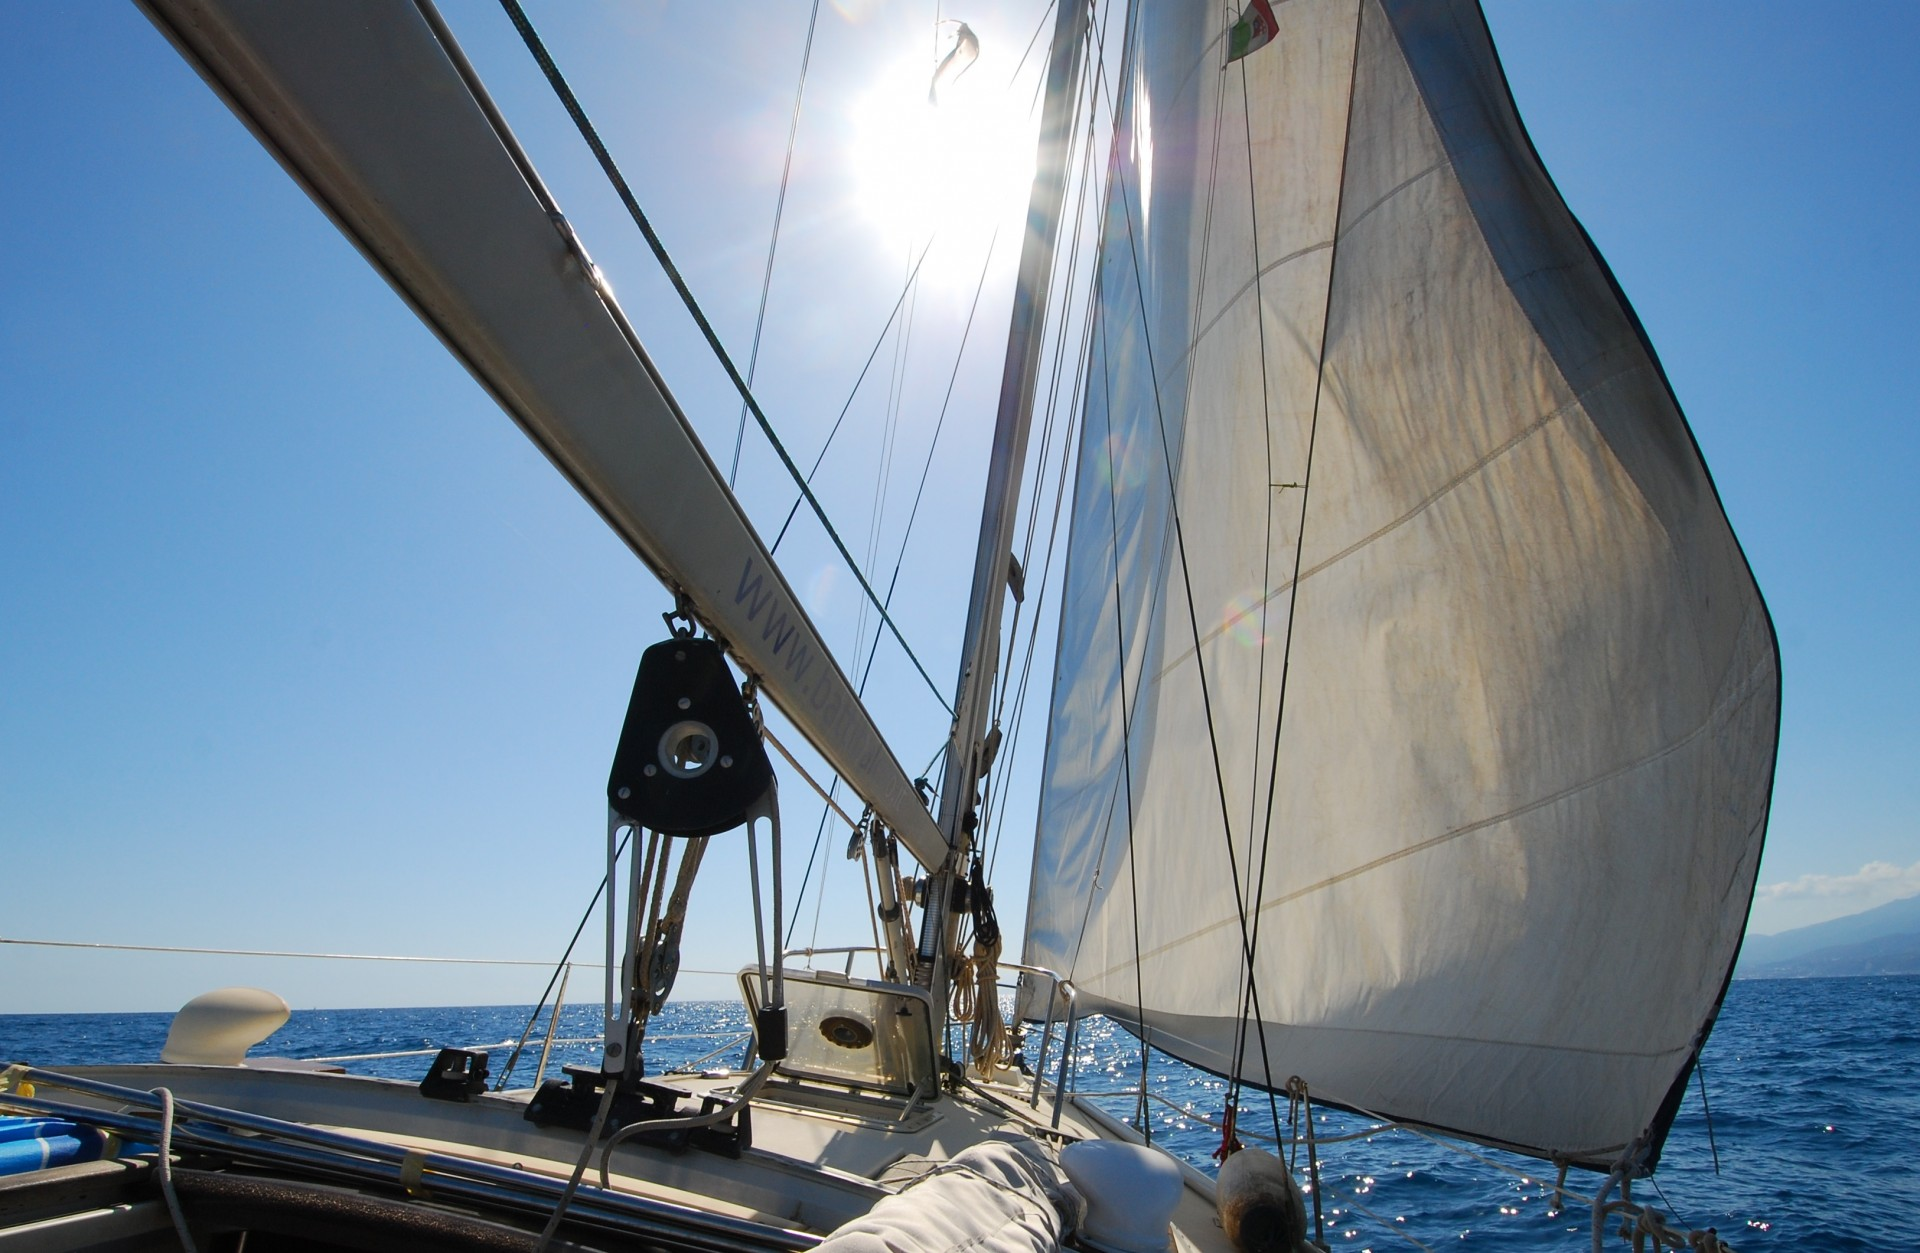 Giornata azzurra: Cinque Terre in barca a vela!